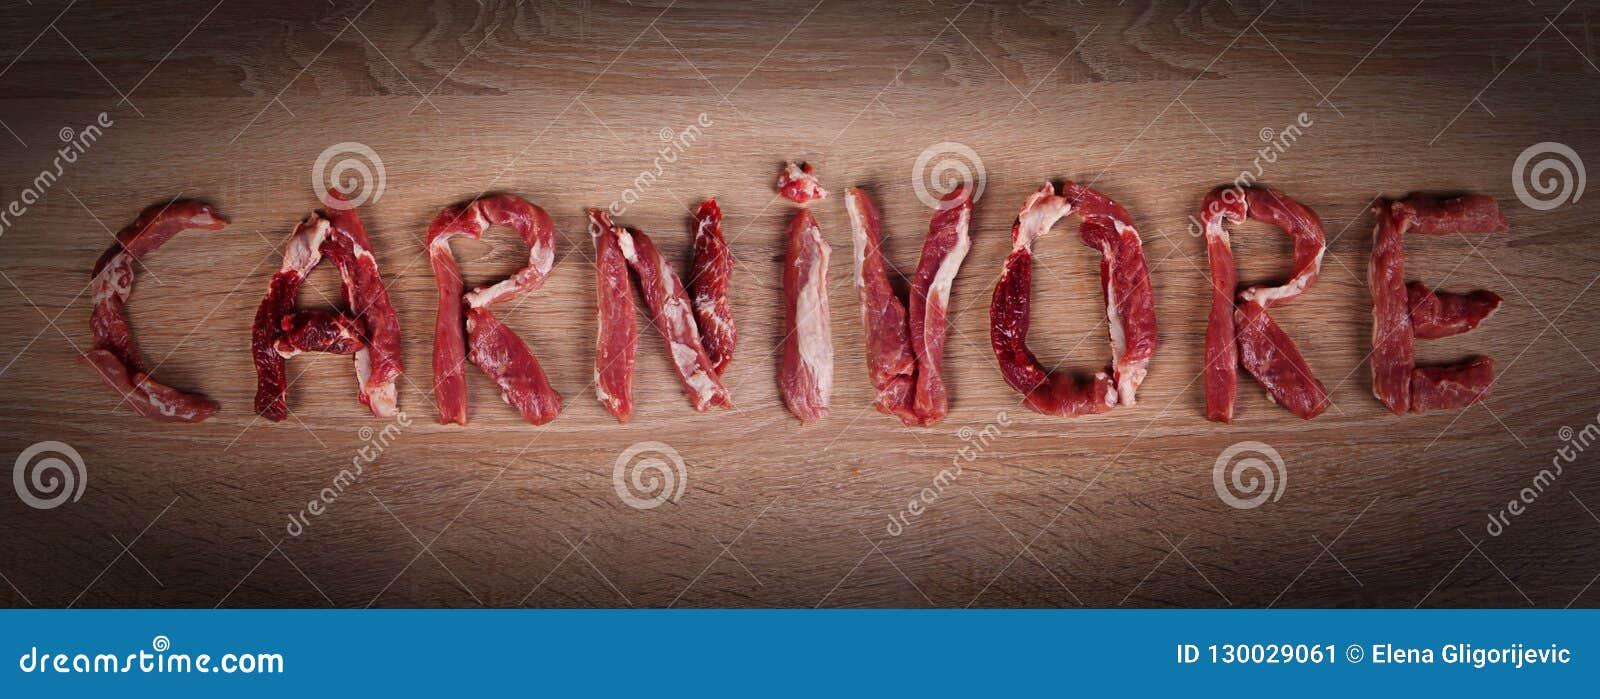 Carnivore dieta, zero carb, zdrowy jedzenie